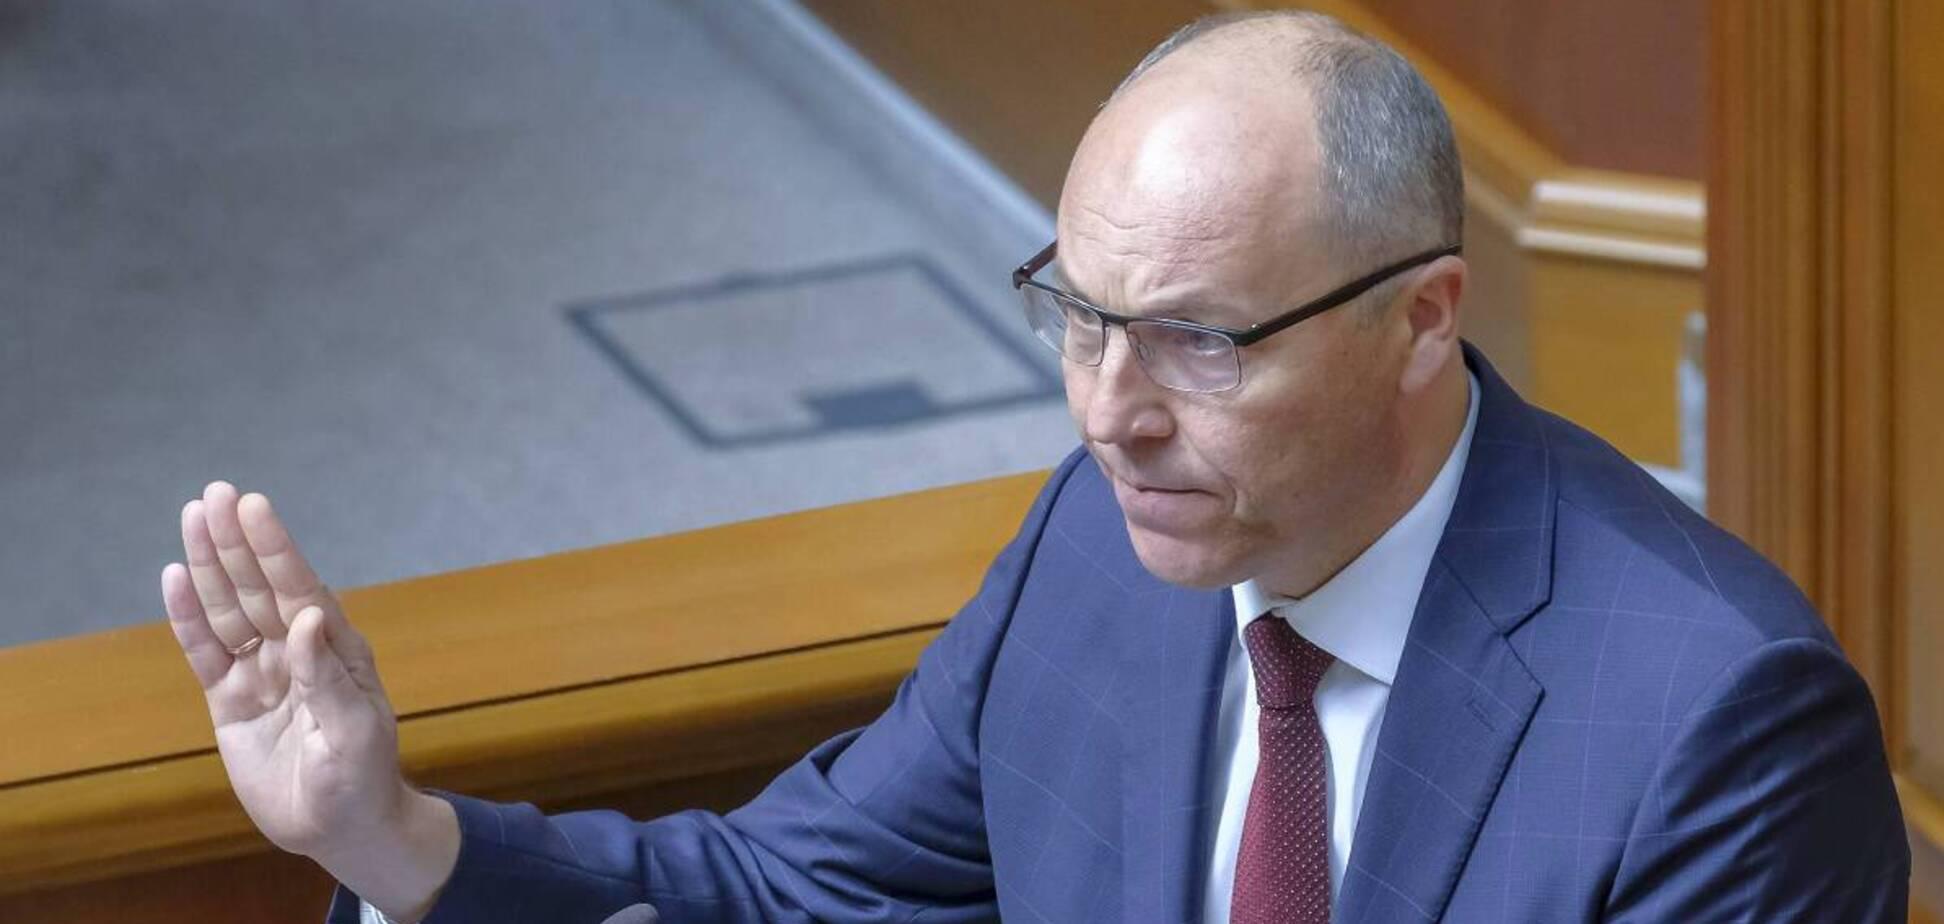 Парубій закликав Раду не розглядати скандальний 'мовний' законопроєкт 'слуг'